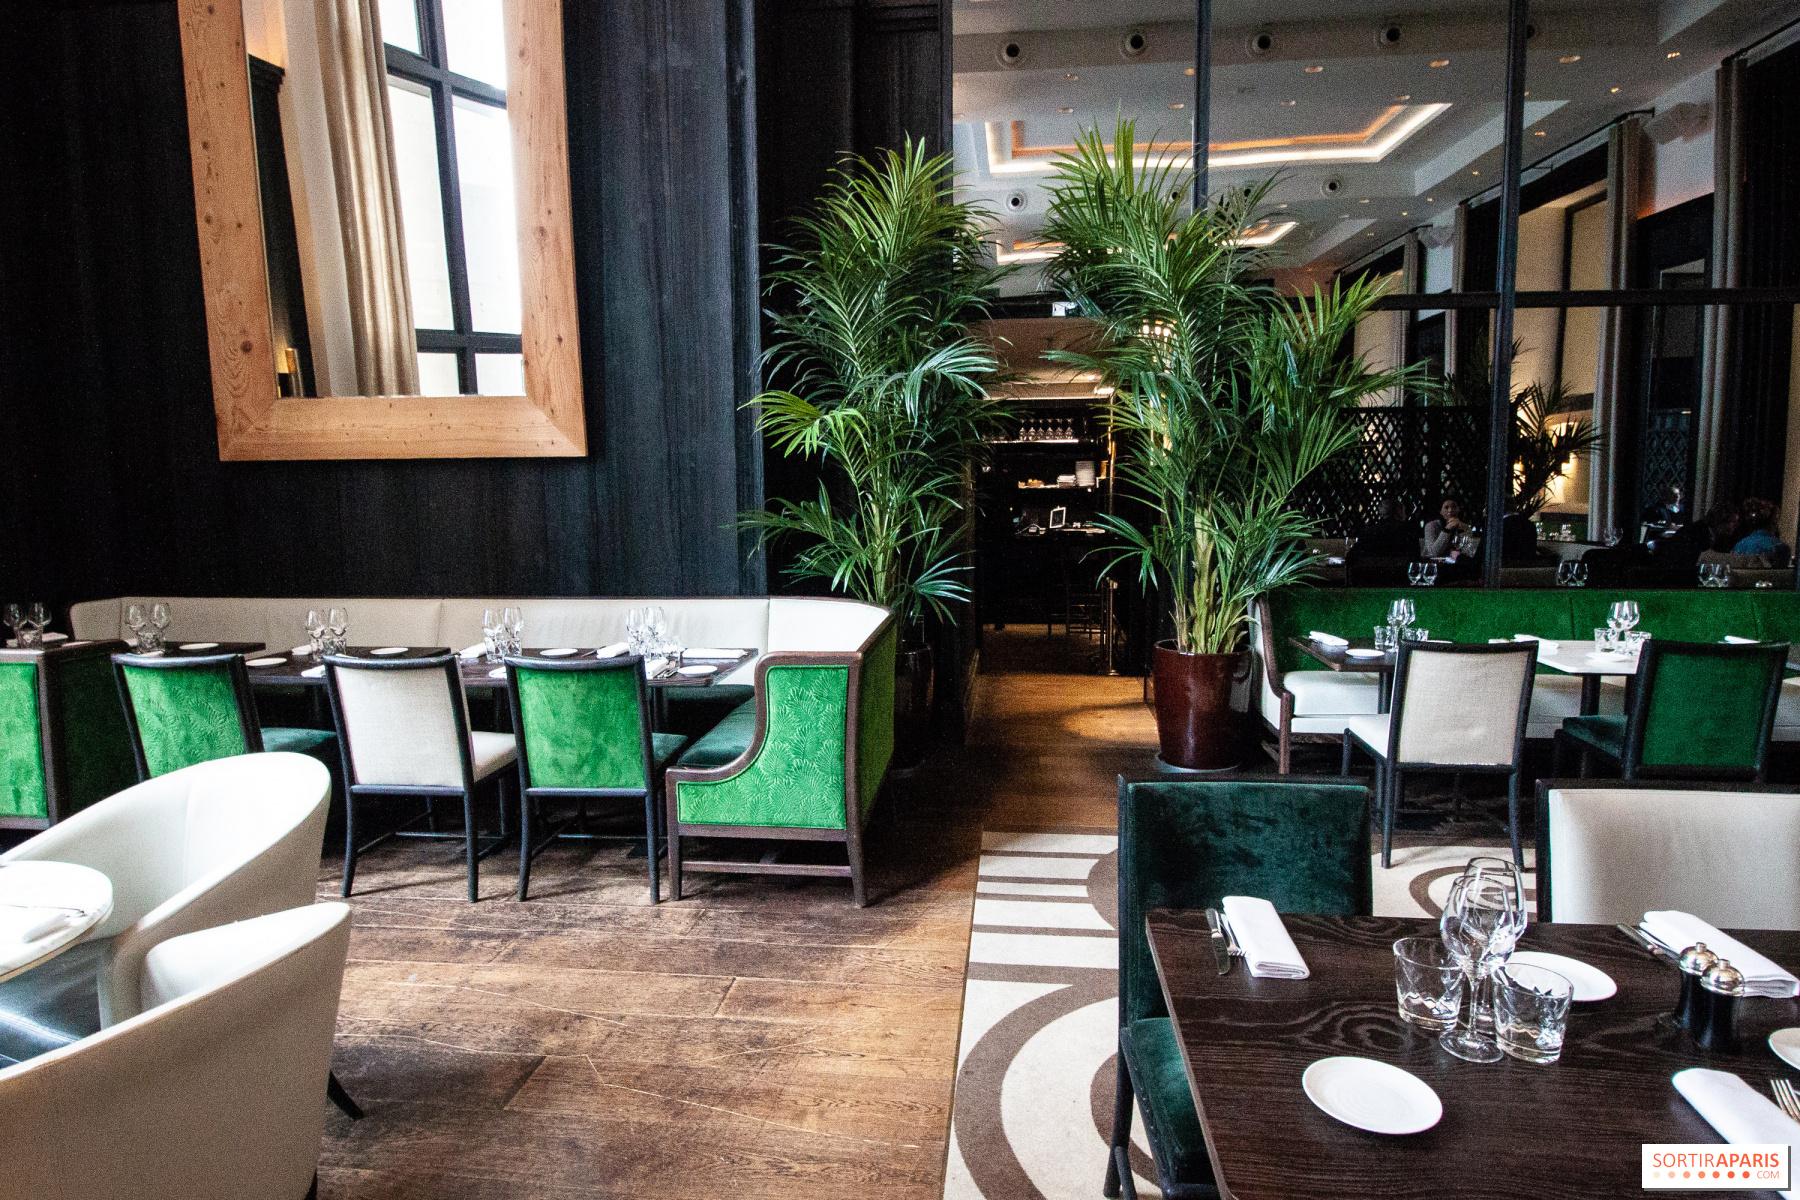 Idee Deco Chic Et Choc le café de l'homme : restaurant-terrasse de trocadéro avec